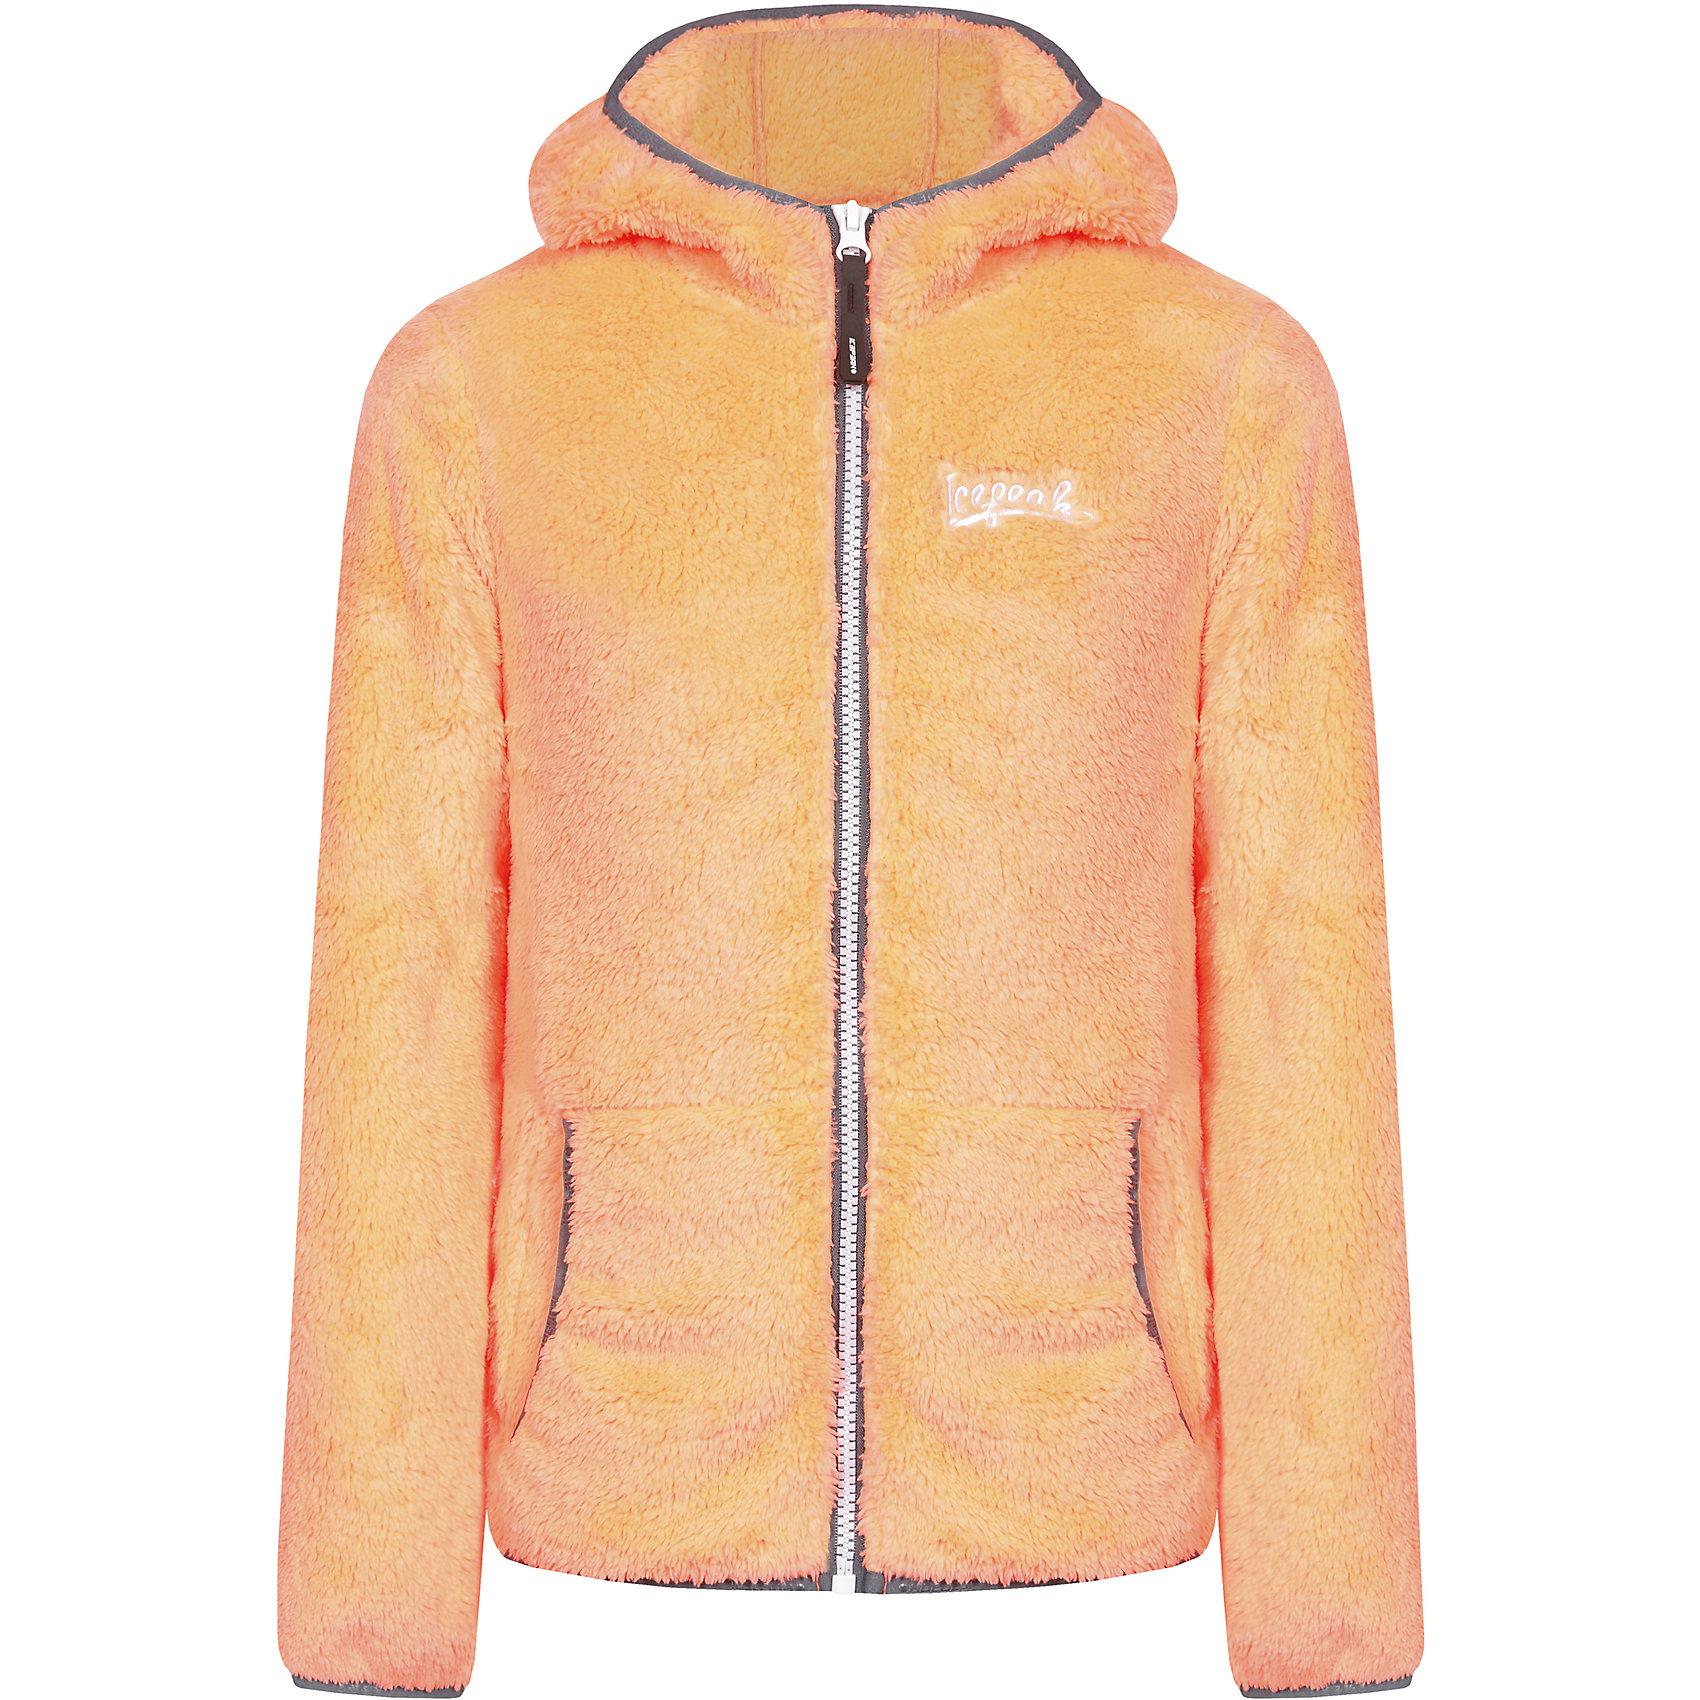 Толстовка для девочки ICEPEAKТолстовка для девочки ICEPEAK. <br><br>Состав: 100% полиэстер <br><br>Толстовка с капюшоном на молнии, трикотаж, эластичная резинка на рукаве и в нижней части куртки, карманыкенгуру на молнии, плотность 280 гр./кв.м. <br><br>Технологии: <br>Thermal<br>Теплоизоляционный материал дышащий и греющий, поэтому прекрасно подходит для принципа многослойности в одежде. Материал легкий и быстро сохнет.<br><br>Ширина мм: 218<br>Глубина мм: 10<br>Высота мм: 190<br>Вес г: 284<br>Цвет: бежевый<br>Возраст от месяцев: 108<br>Возраст до месяцев: 120<br>Пол: Женский<br>Возраст: Детский<br>Размер: 140,176,128,116,152,164<br>SKU: 4220829